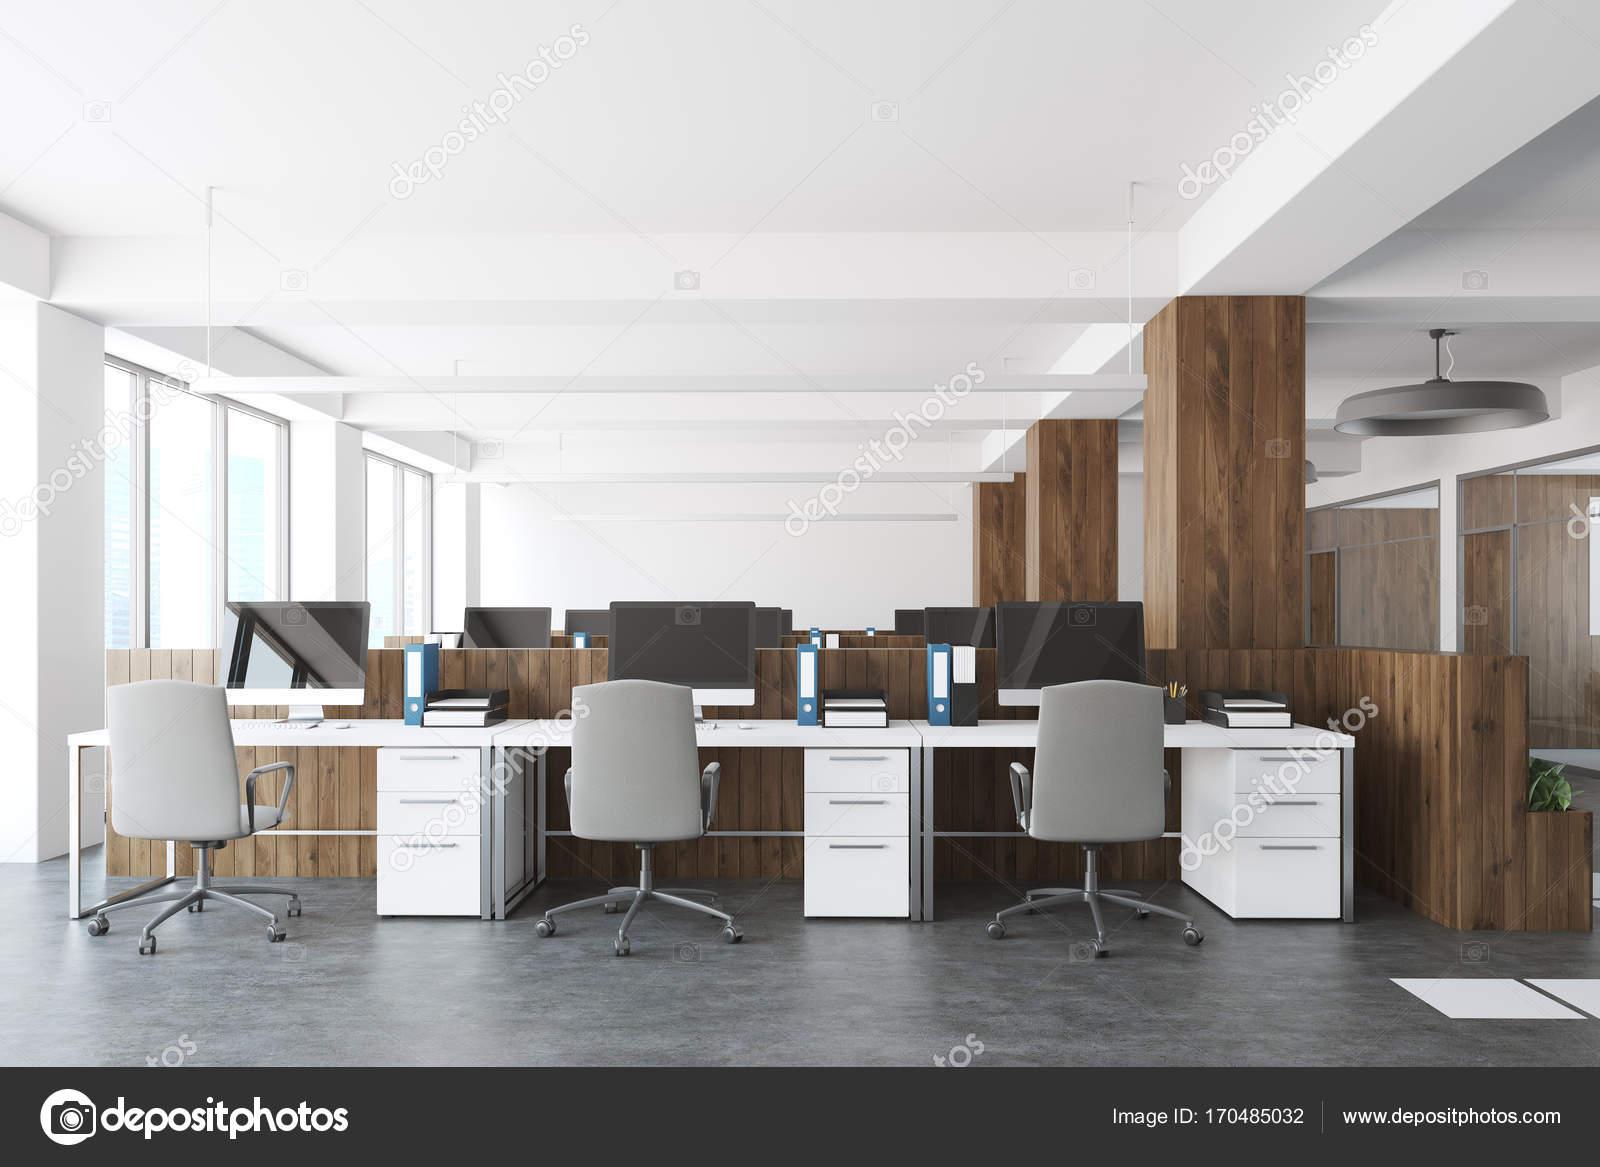 Ufficio Bianco E Legno : Legno e bianco aperto interno di spazio ufficio u foto stock